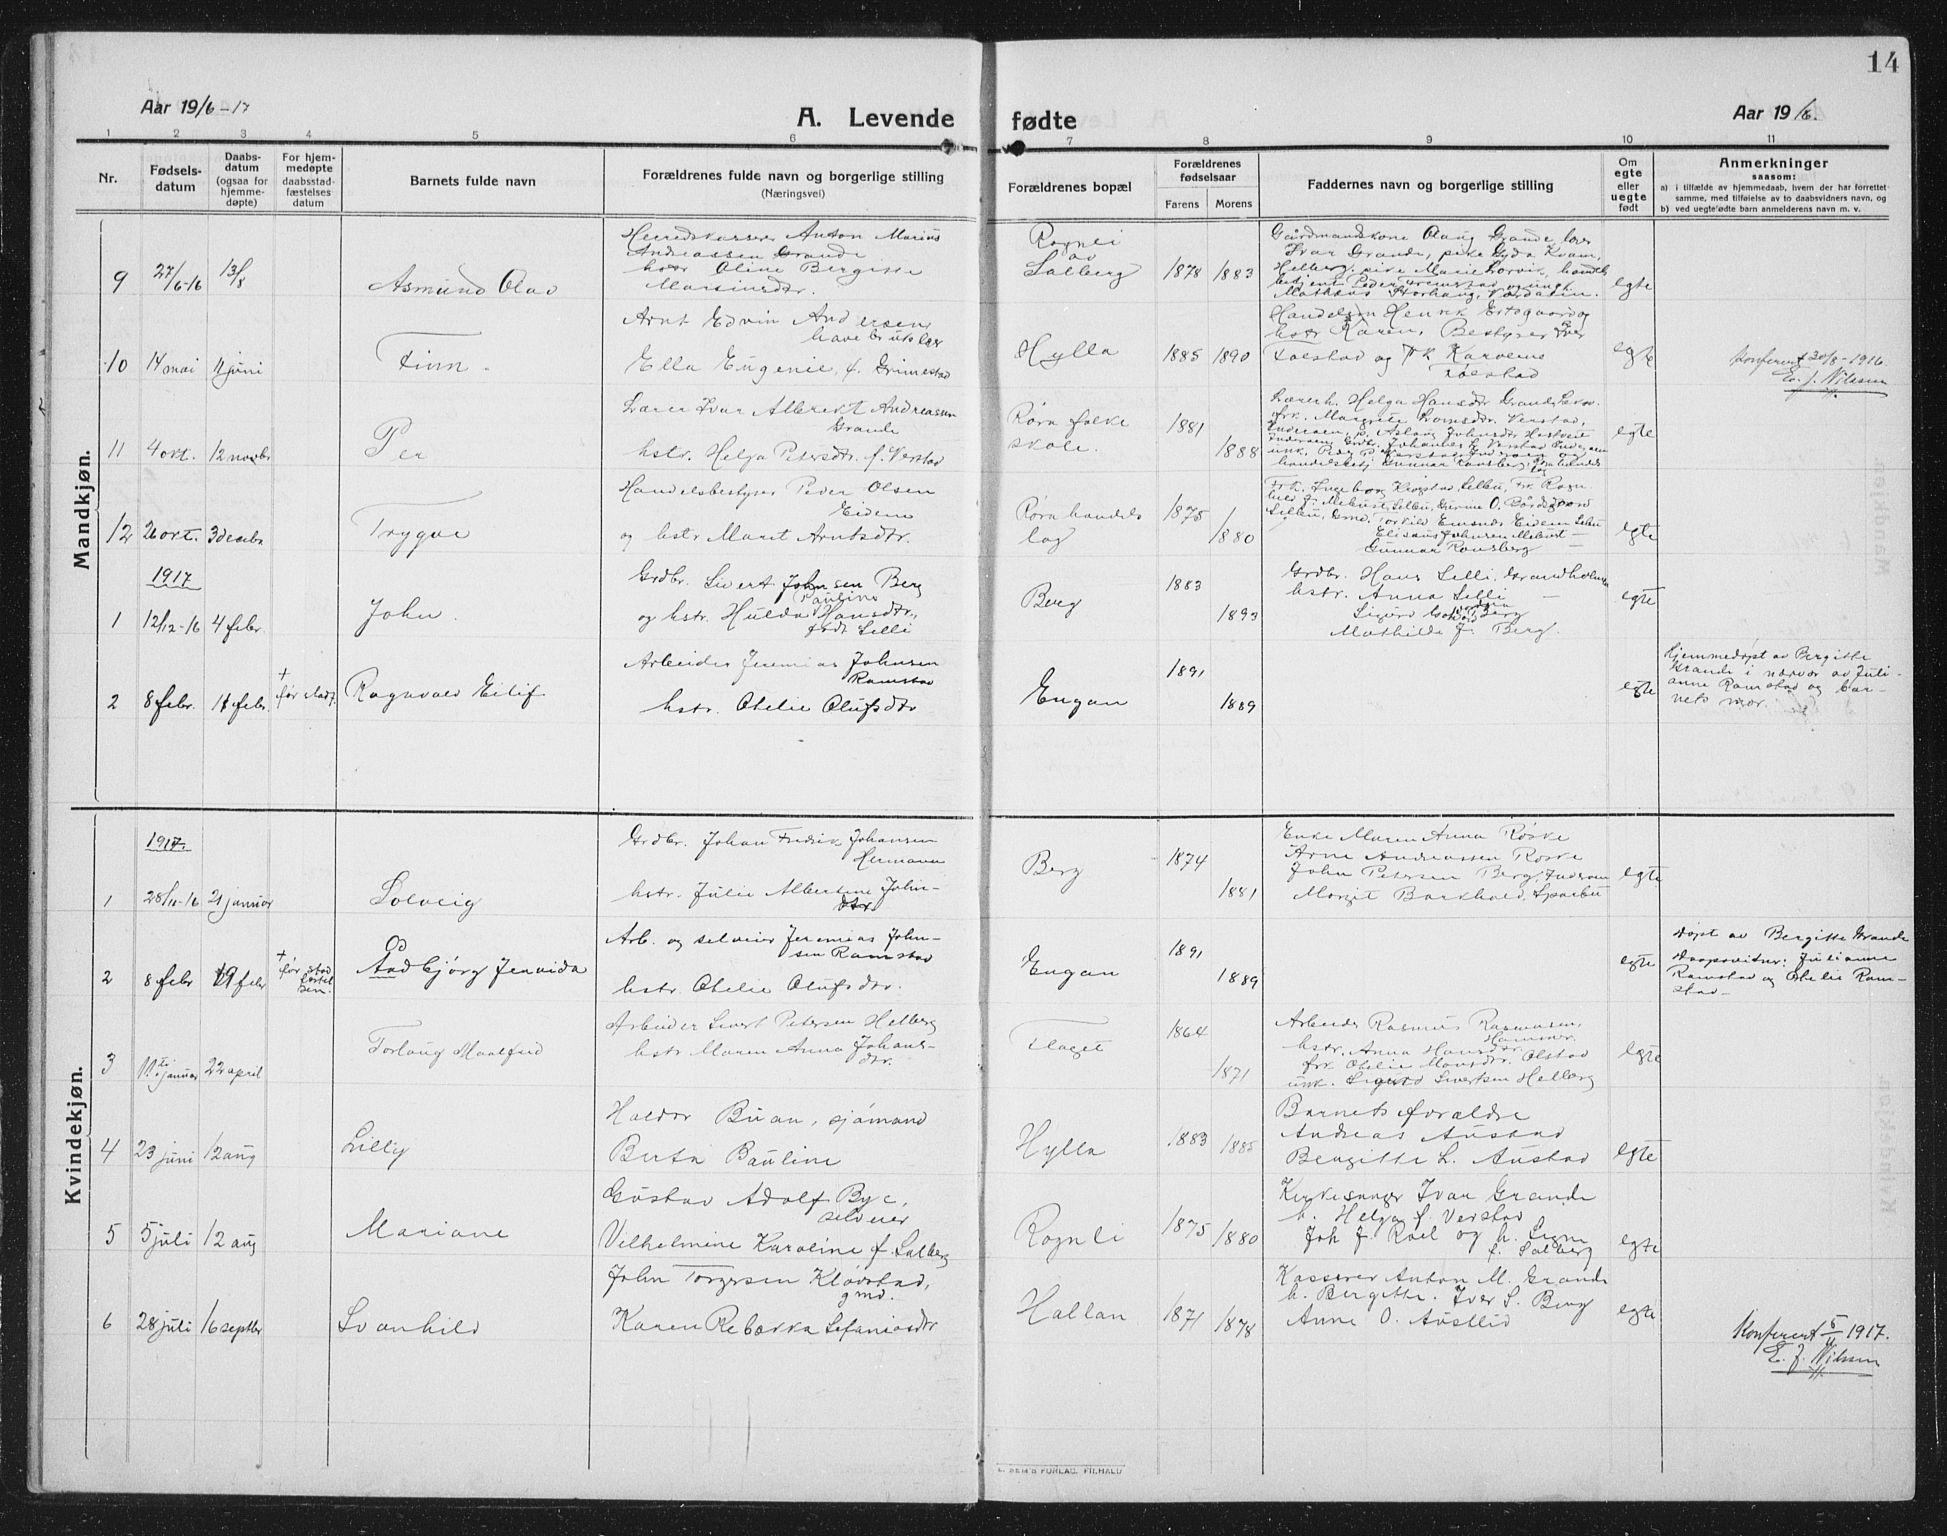 SAT, Ministerialprotokoller, klokkerbøker og fødselsregistre - Nord-Trøndelag, 731/L0312: Klokkerbok nr. 731C03, 1911-1935, s. 14